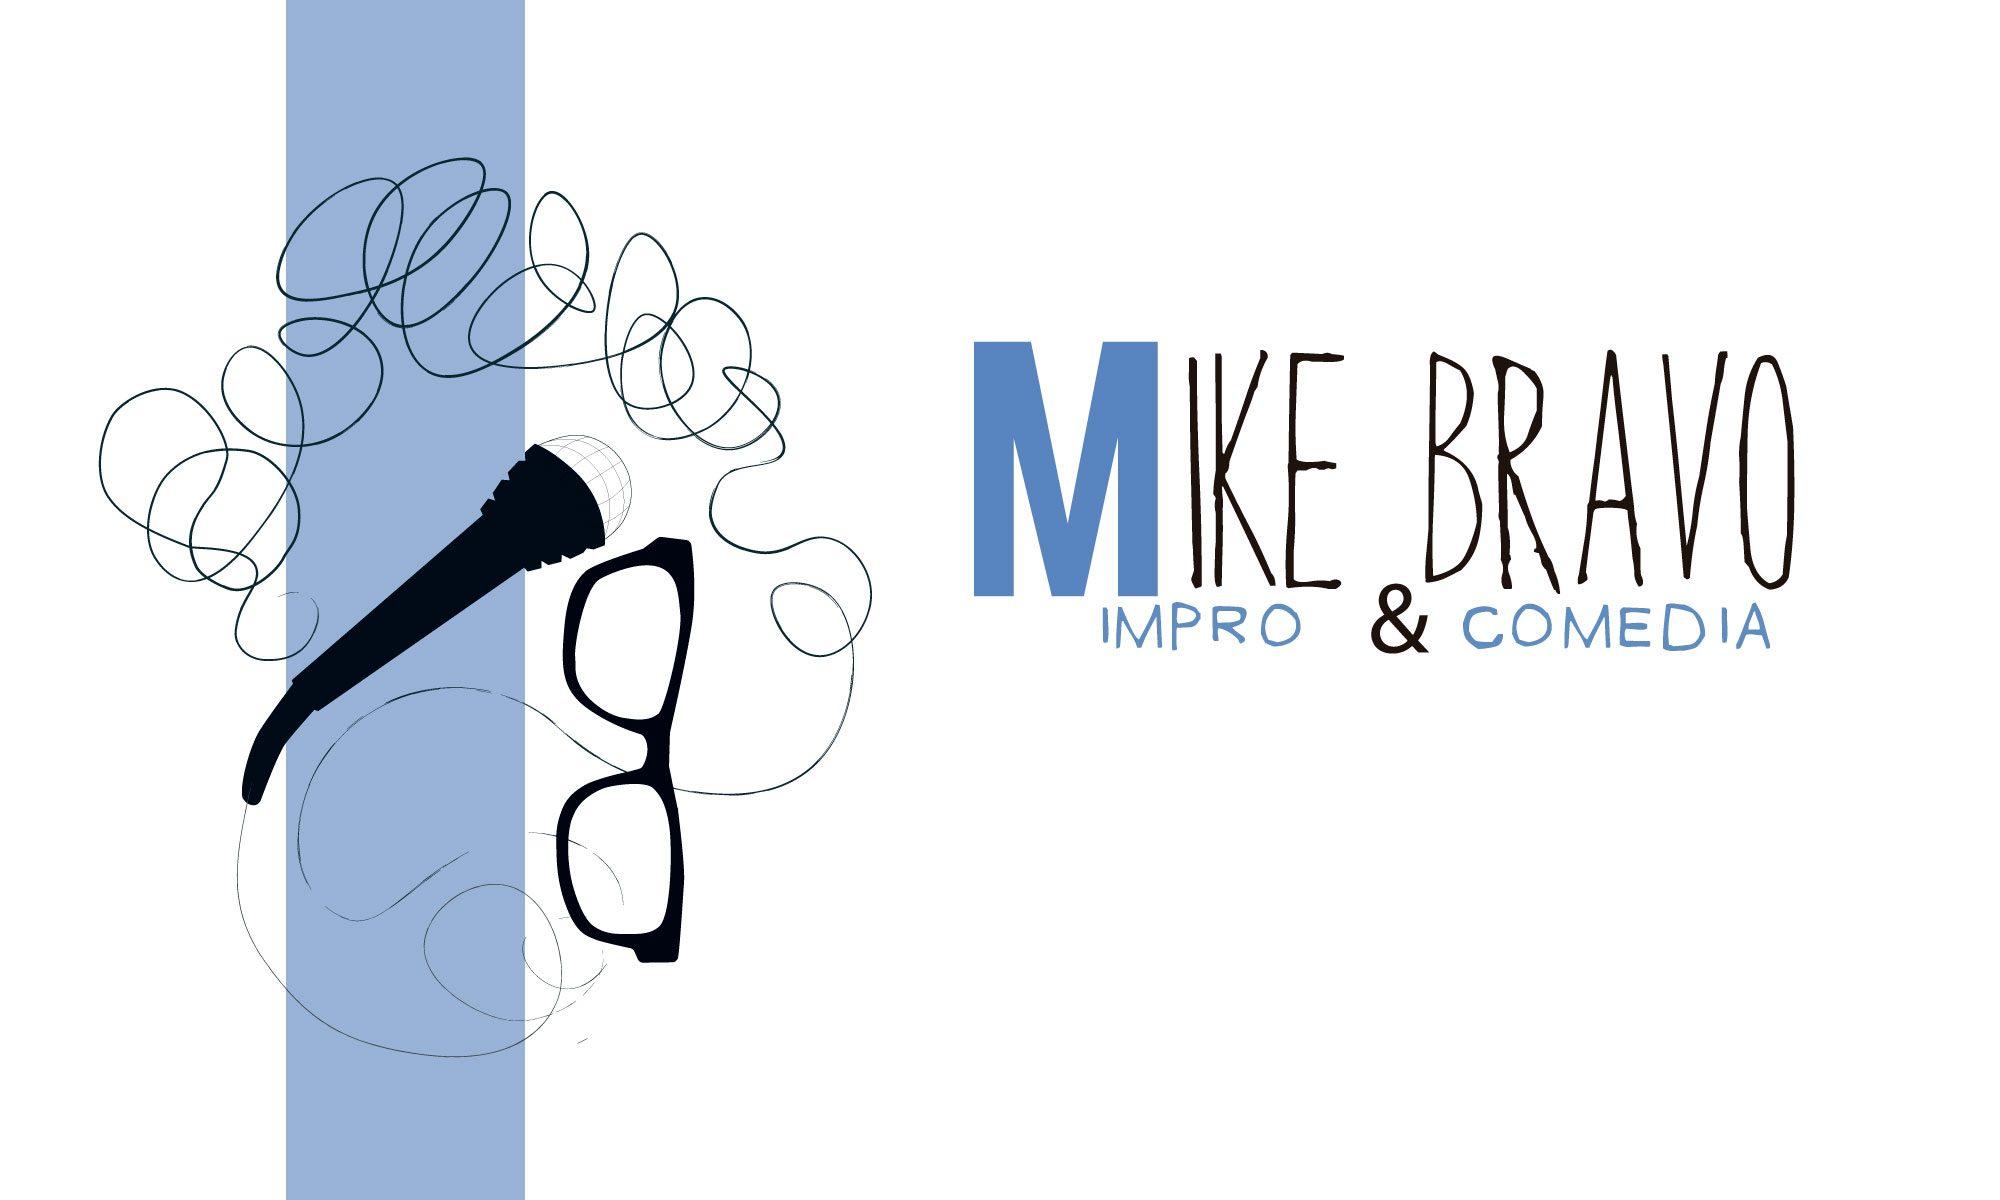 Mike Bravo